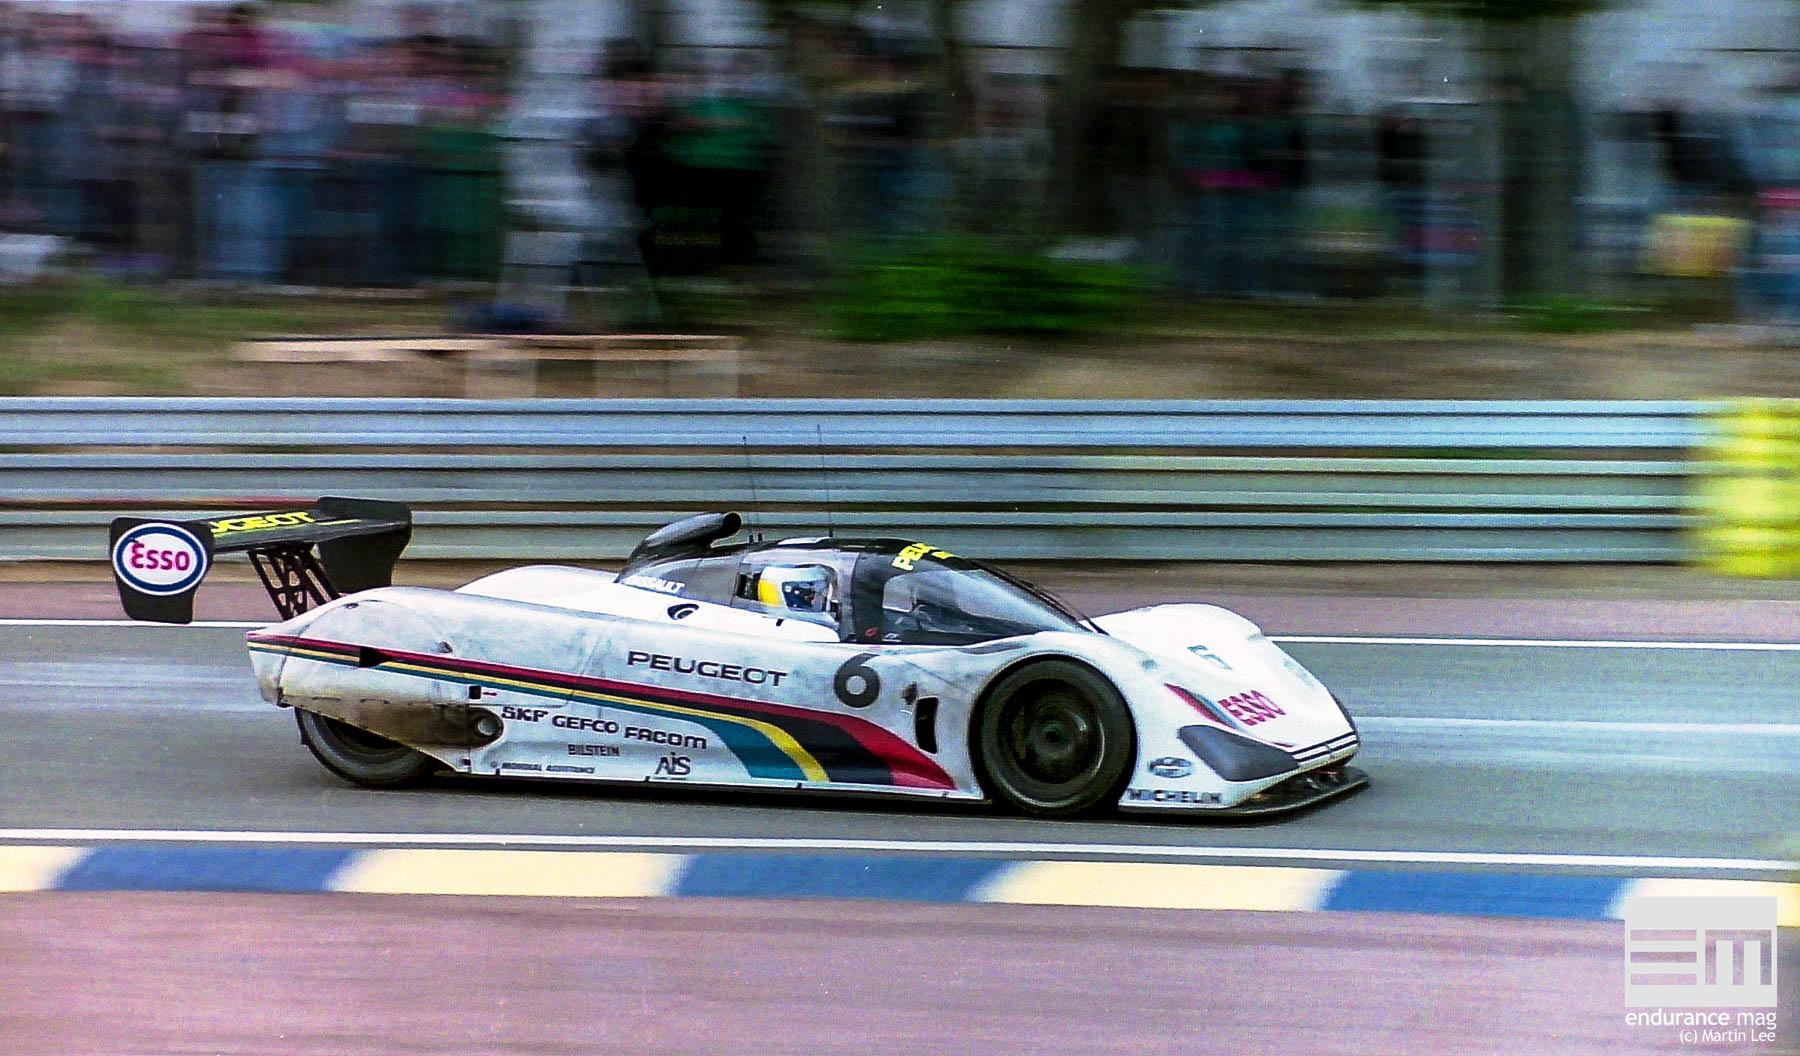 Peugeot-905-Le-Mans-1991-4